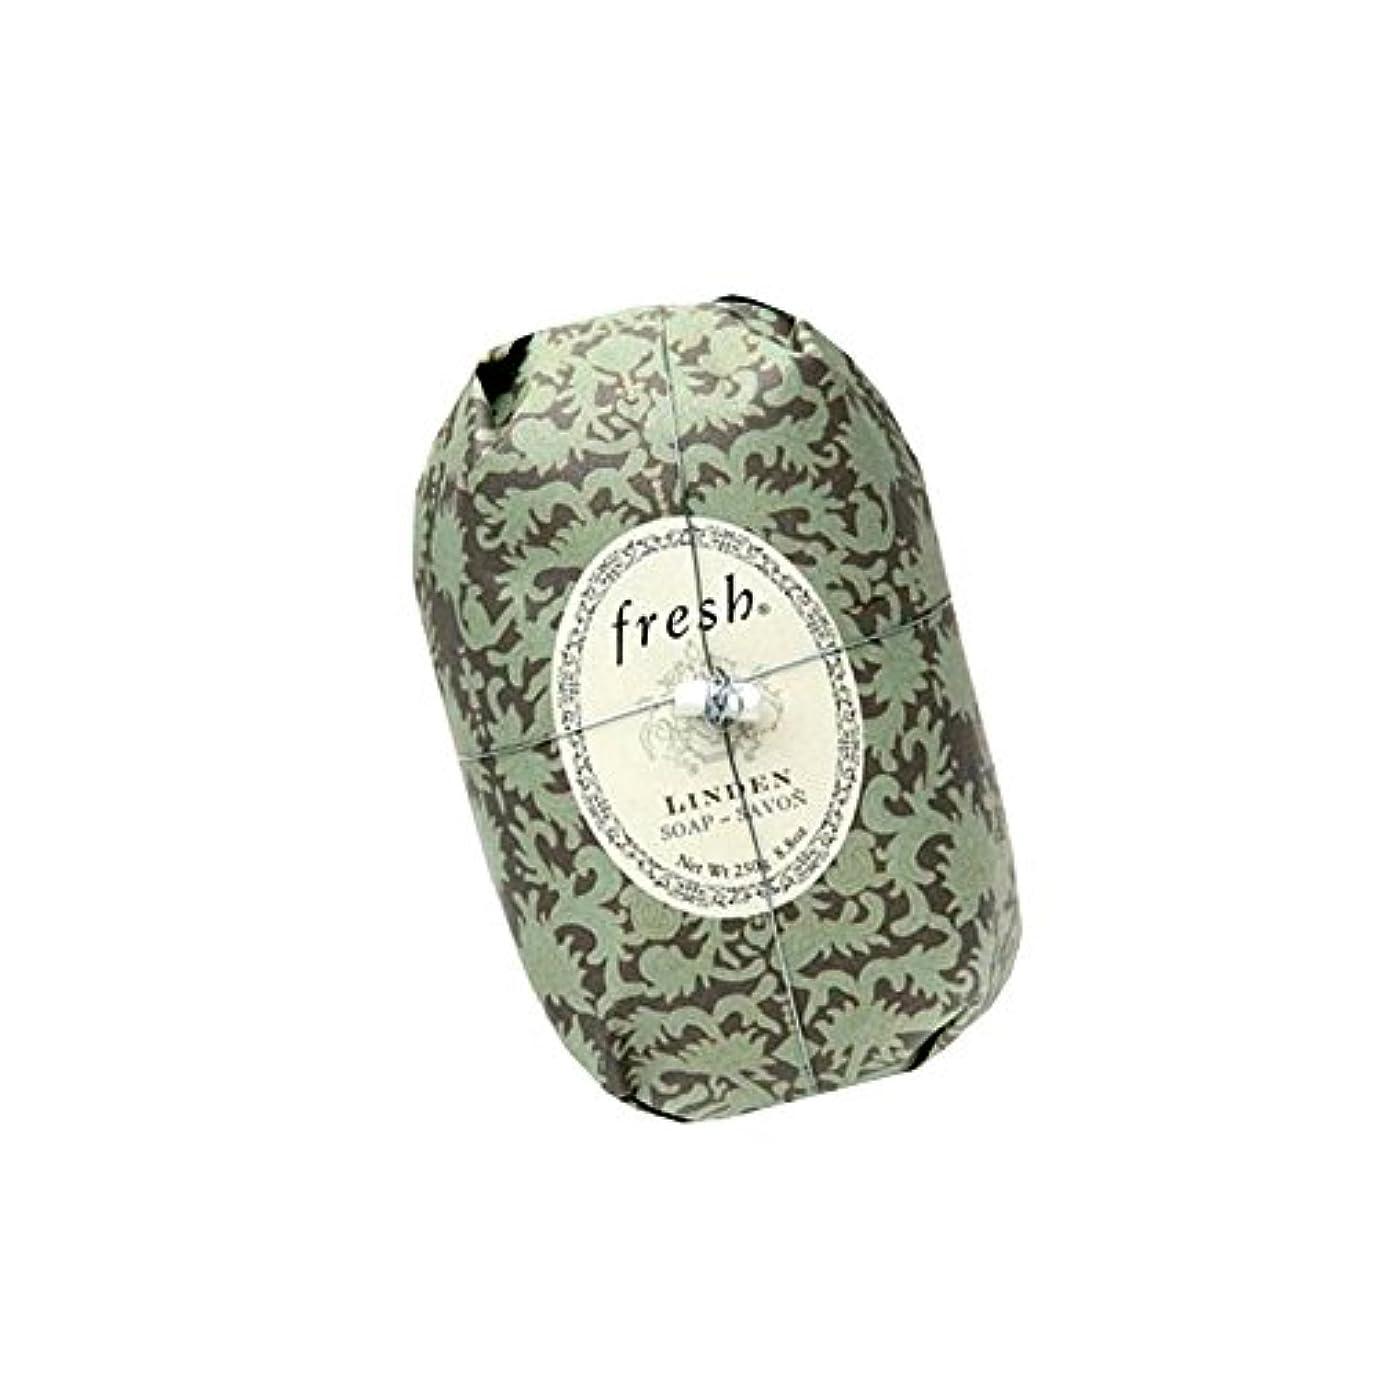 悲観主義者光電入場料Fresh フレッシュ Linden Soap 石鹸, 250g/8.8oz. [海外直送品] [並行輸入品]